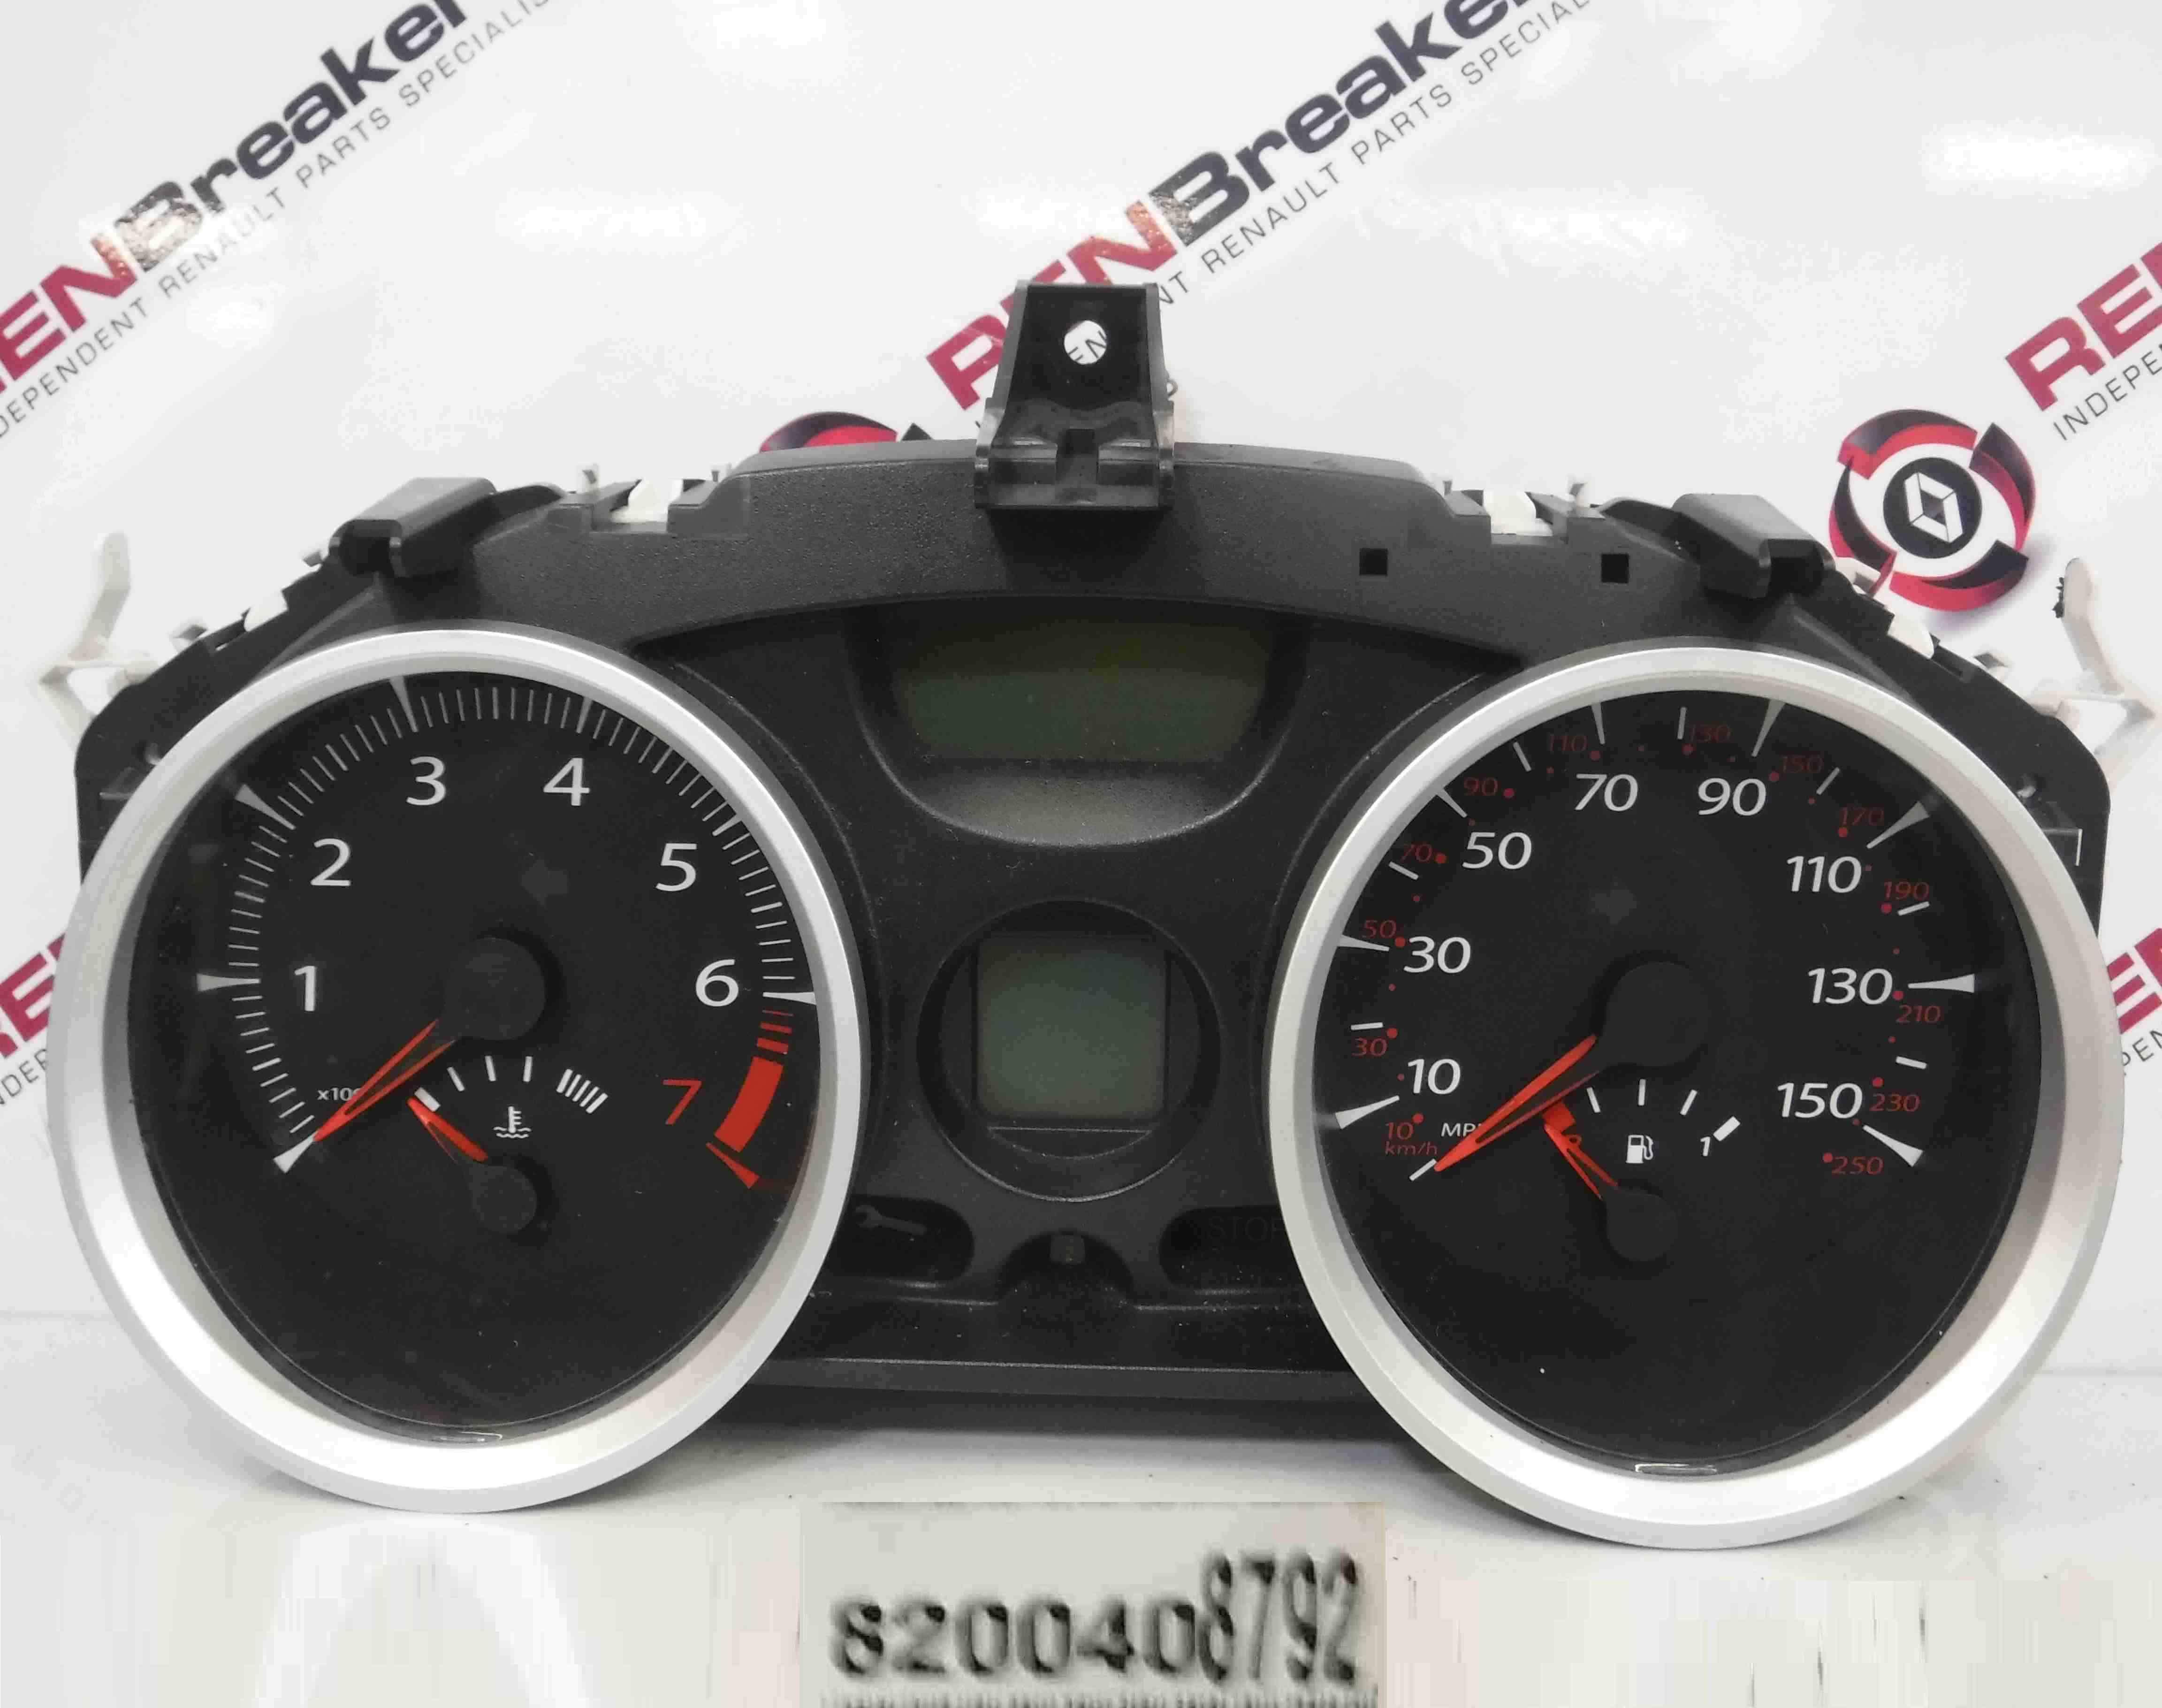 Renault Megane 2006-2008 Instrument Panel Dials Gauges Clocks 121k 8200408792